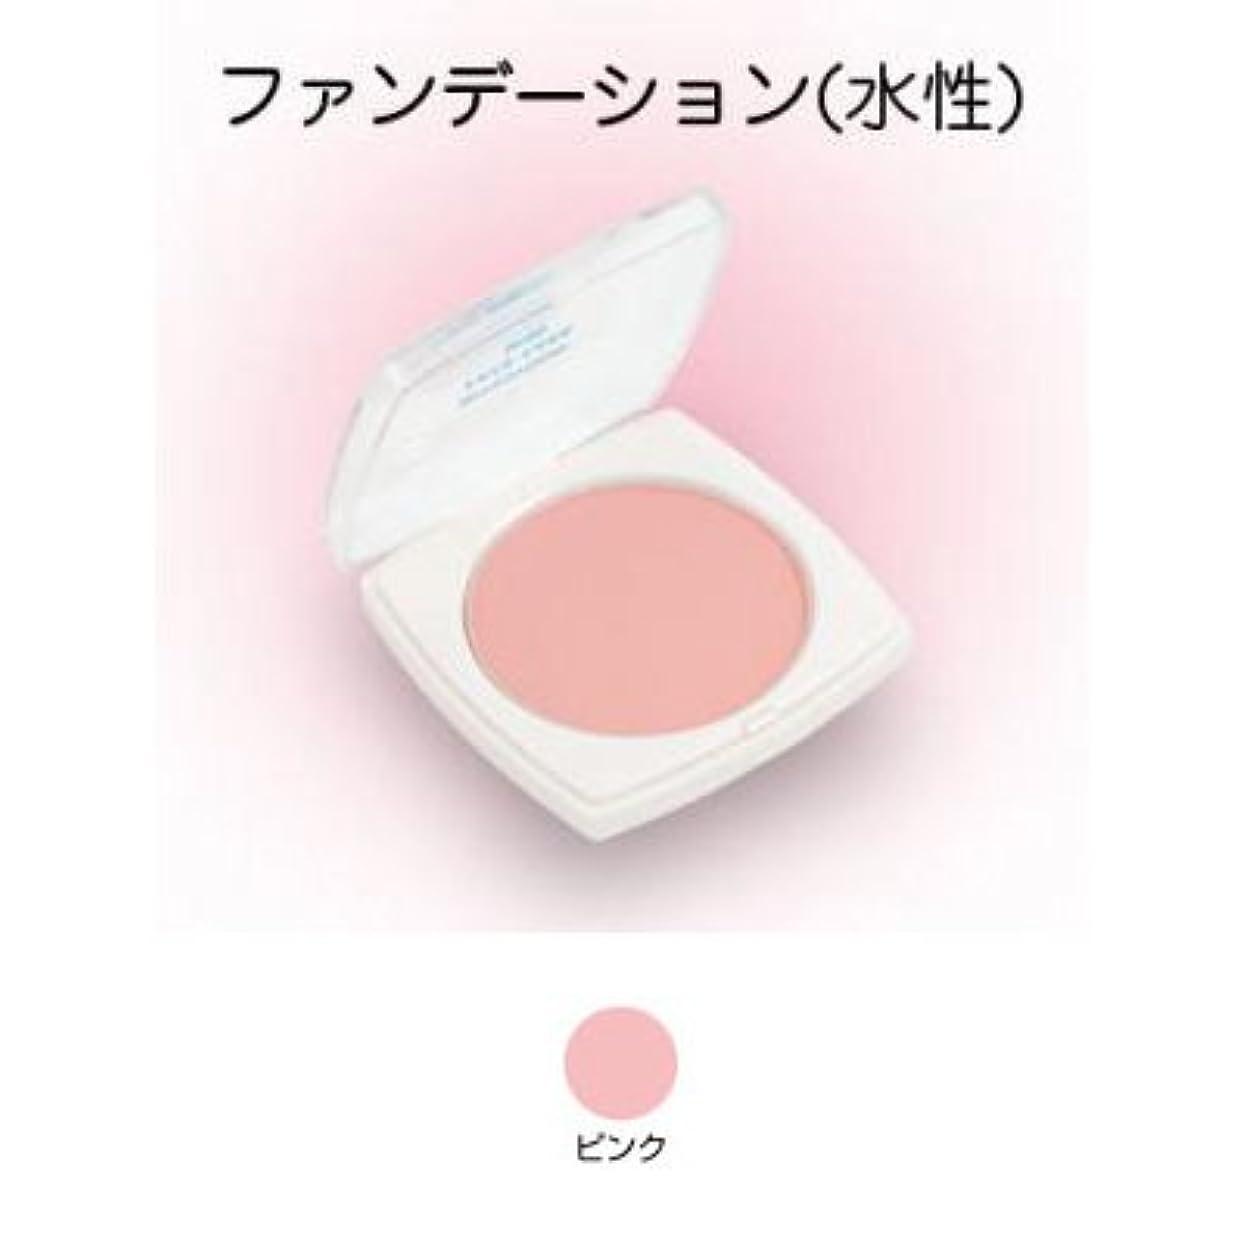 欲しいですシェード問い合わせフェースケーキ ミニ 17g ピンク 【三善】